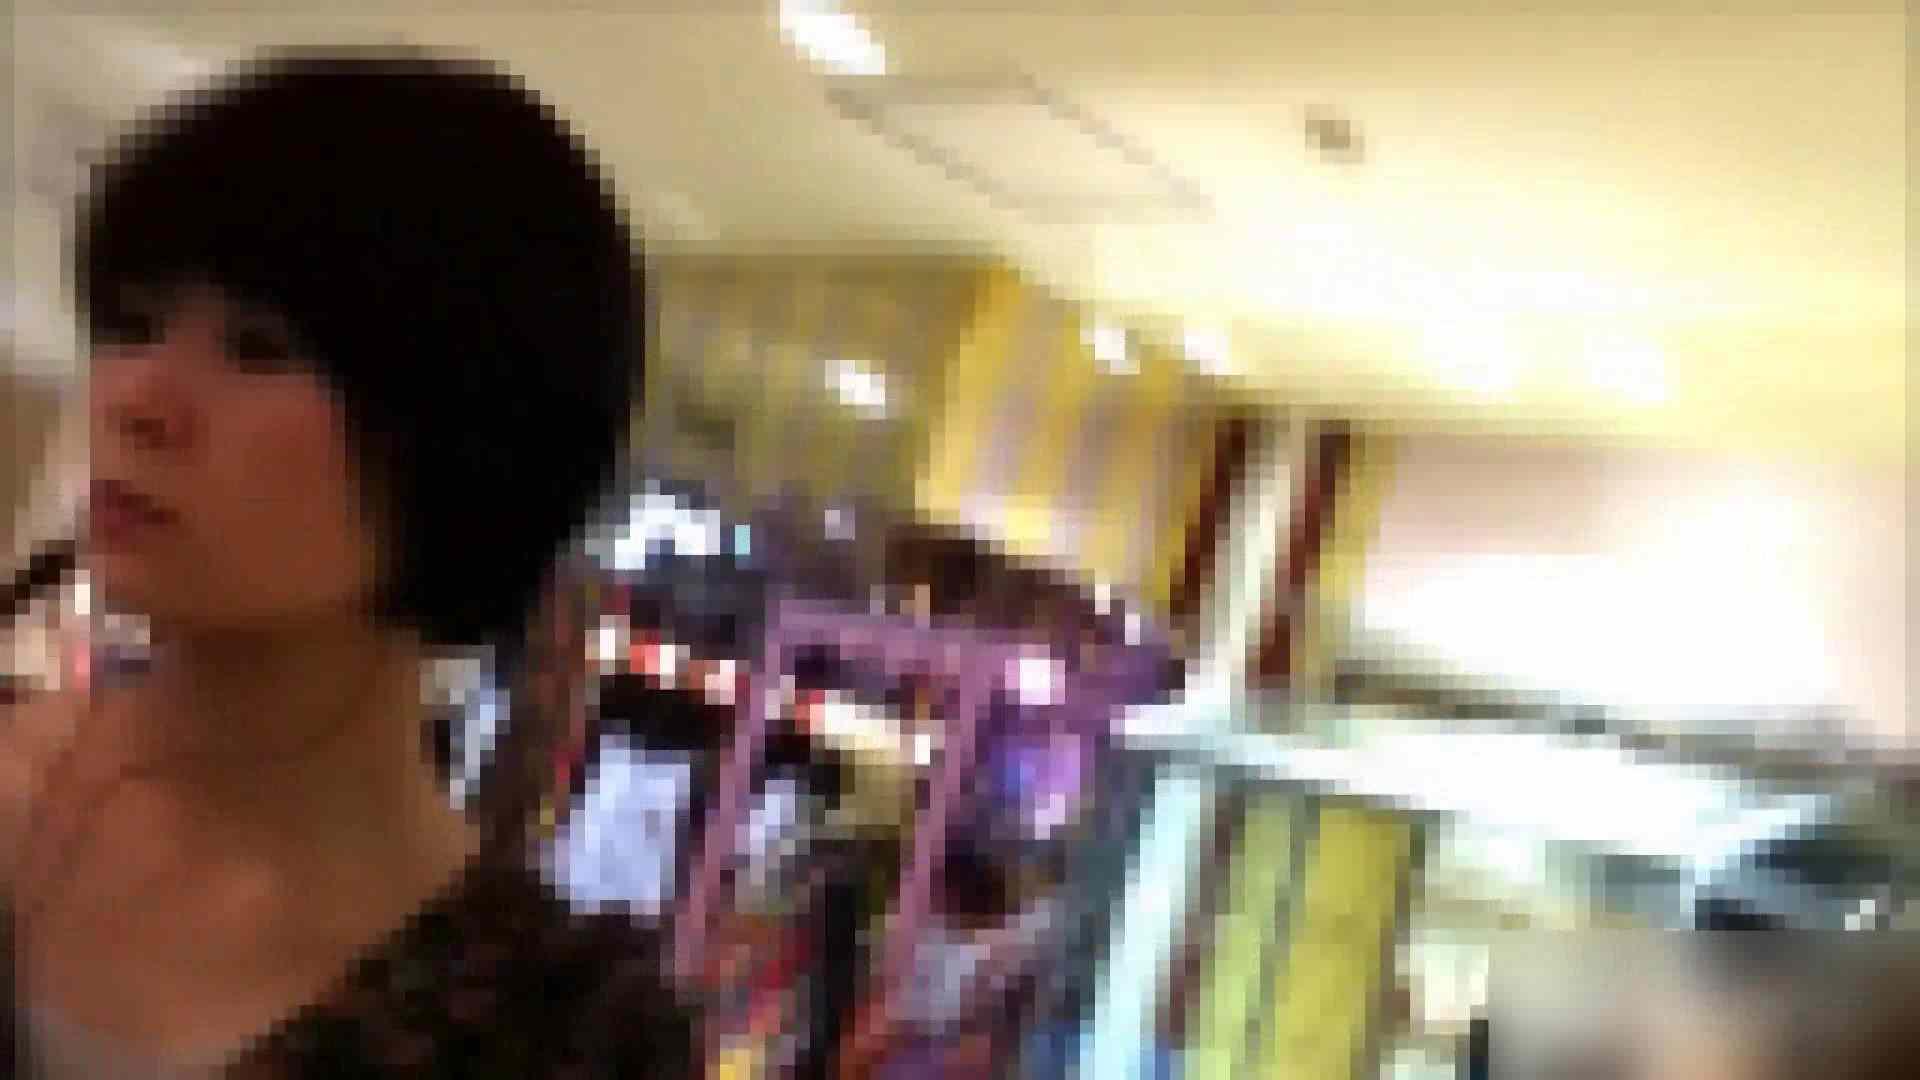 ガールズパンチラストリートビューVol.011 ギャルヌード オメコ動画キャプチャ 109画像 86